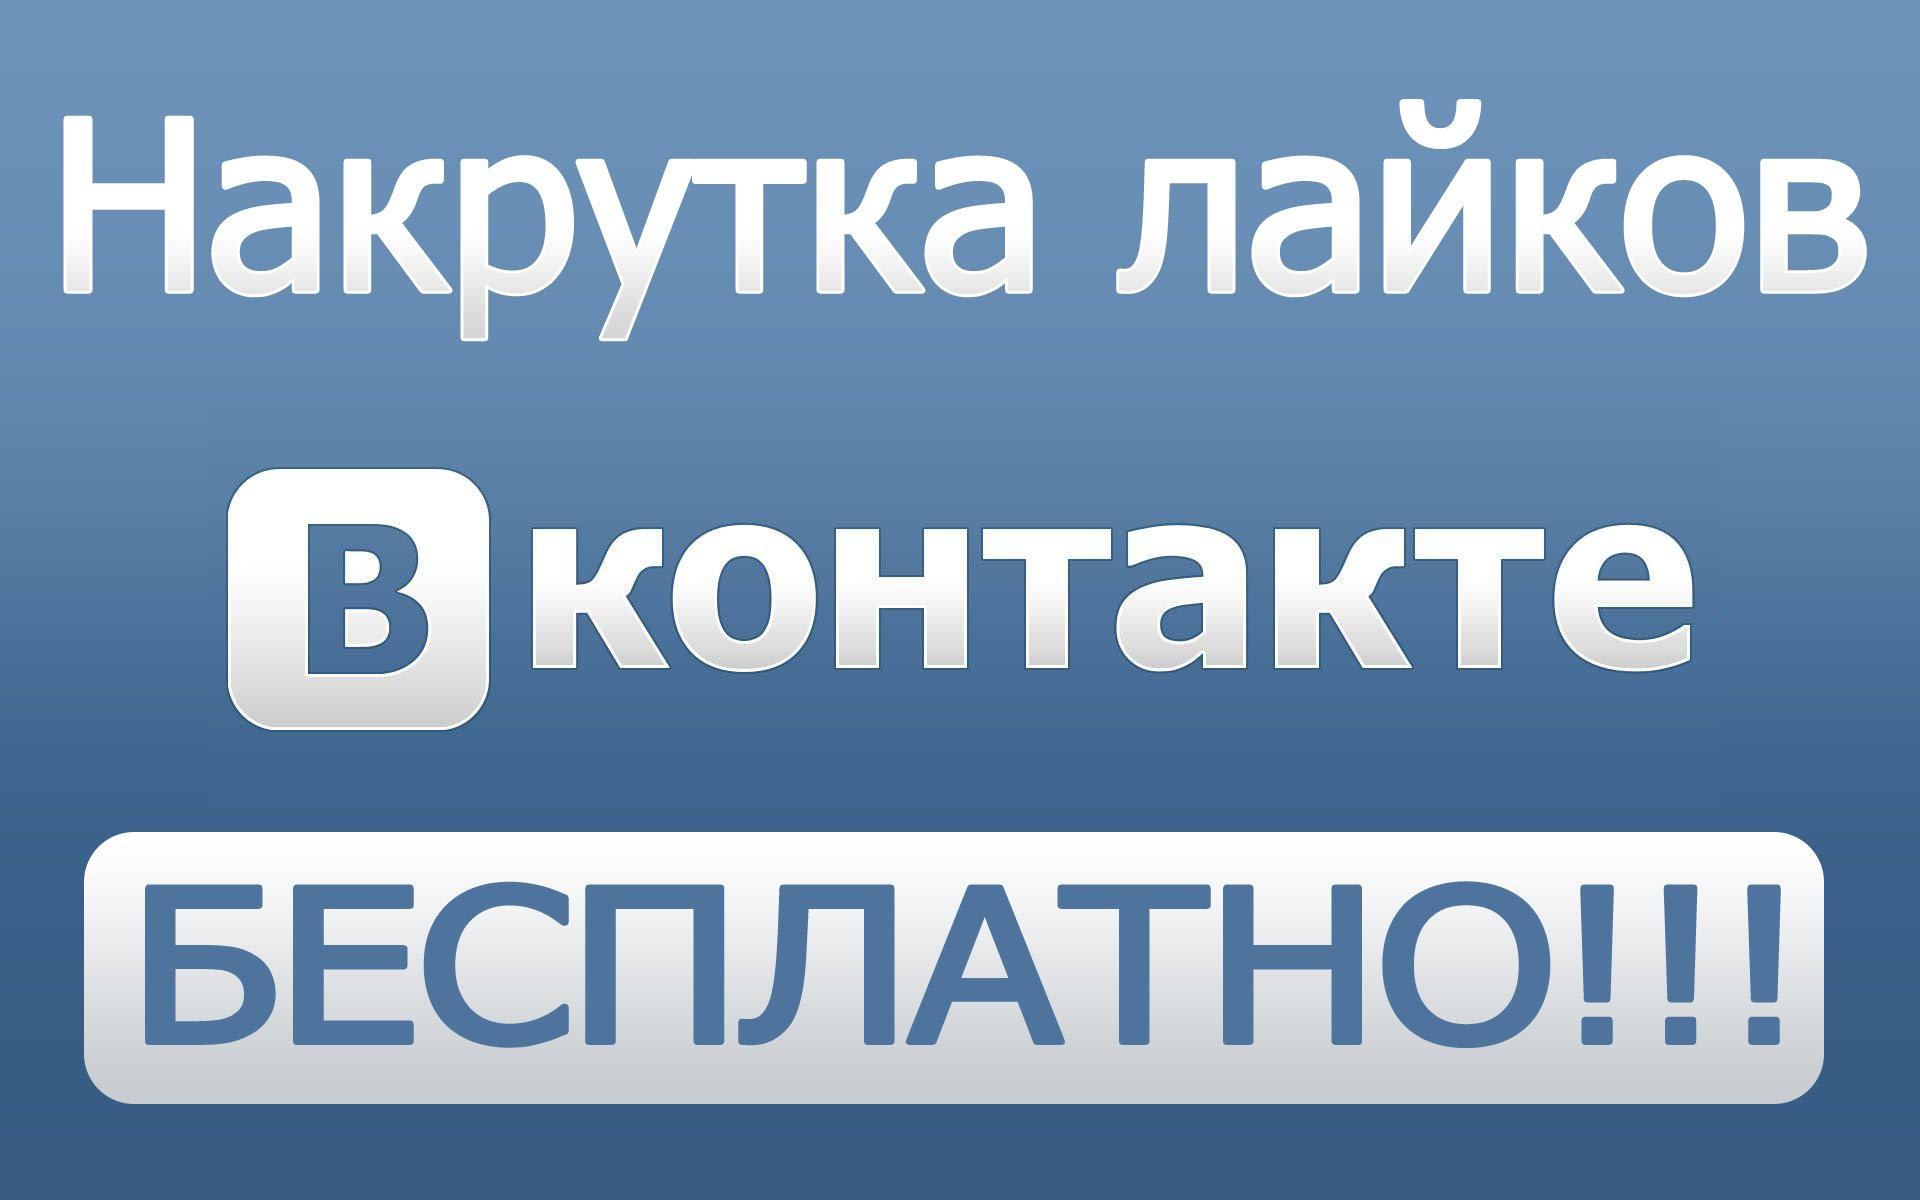 Скачать на компьютер накрутка лайков в вконтакте